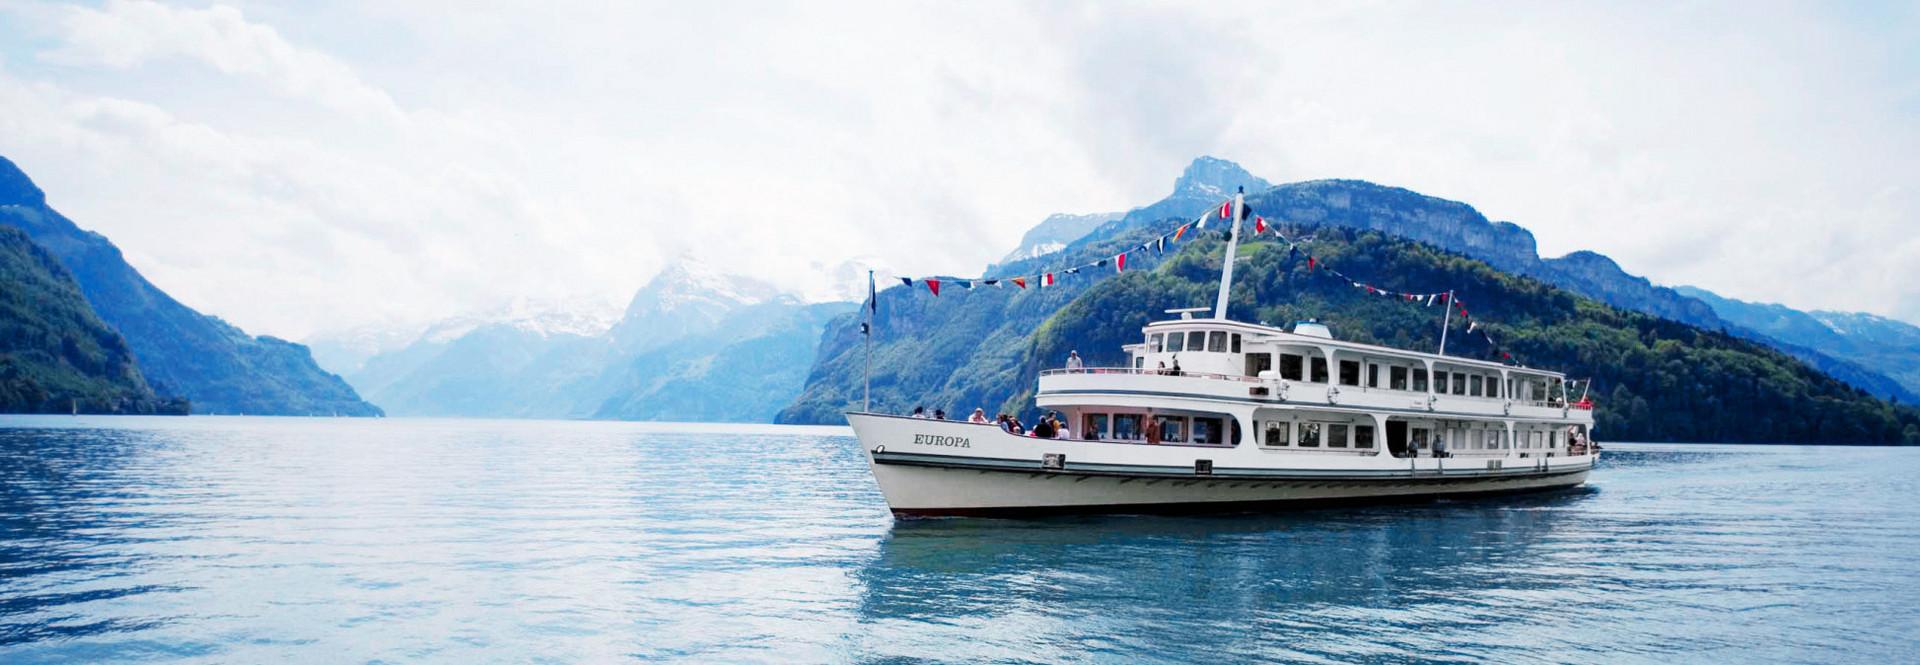 Das Motorschiff Europa mit Festbeflaggung während einer Fahrt auf dem Vierwaldstättersee.